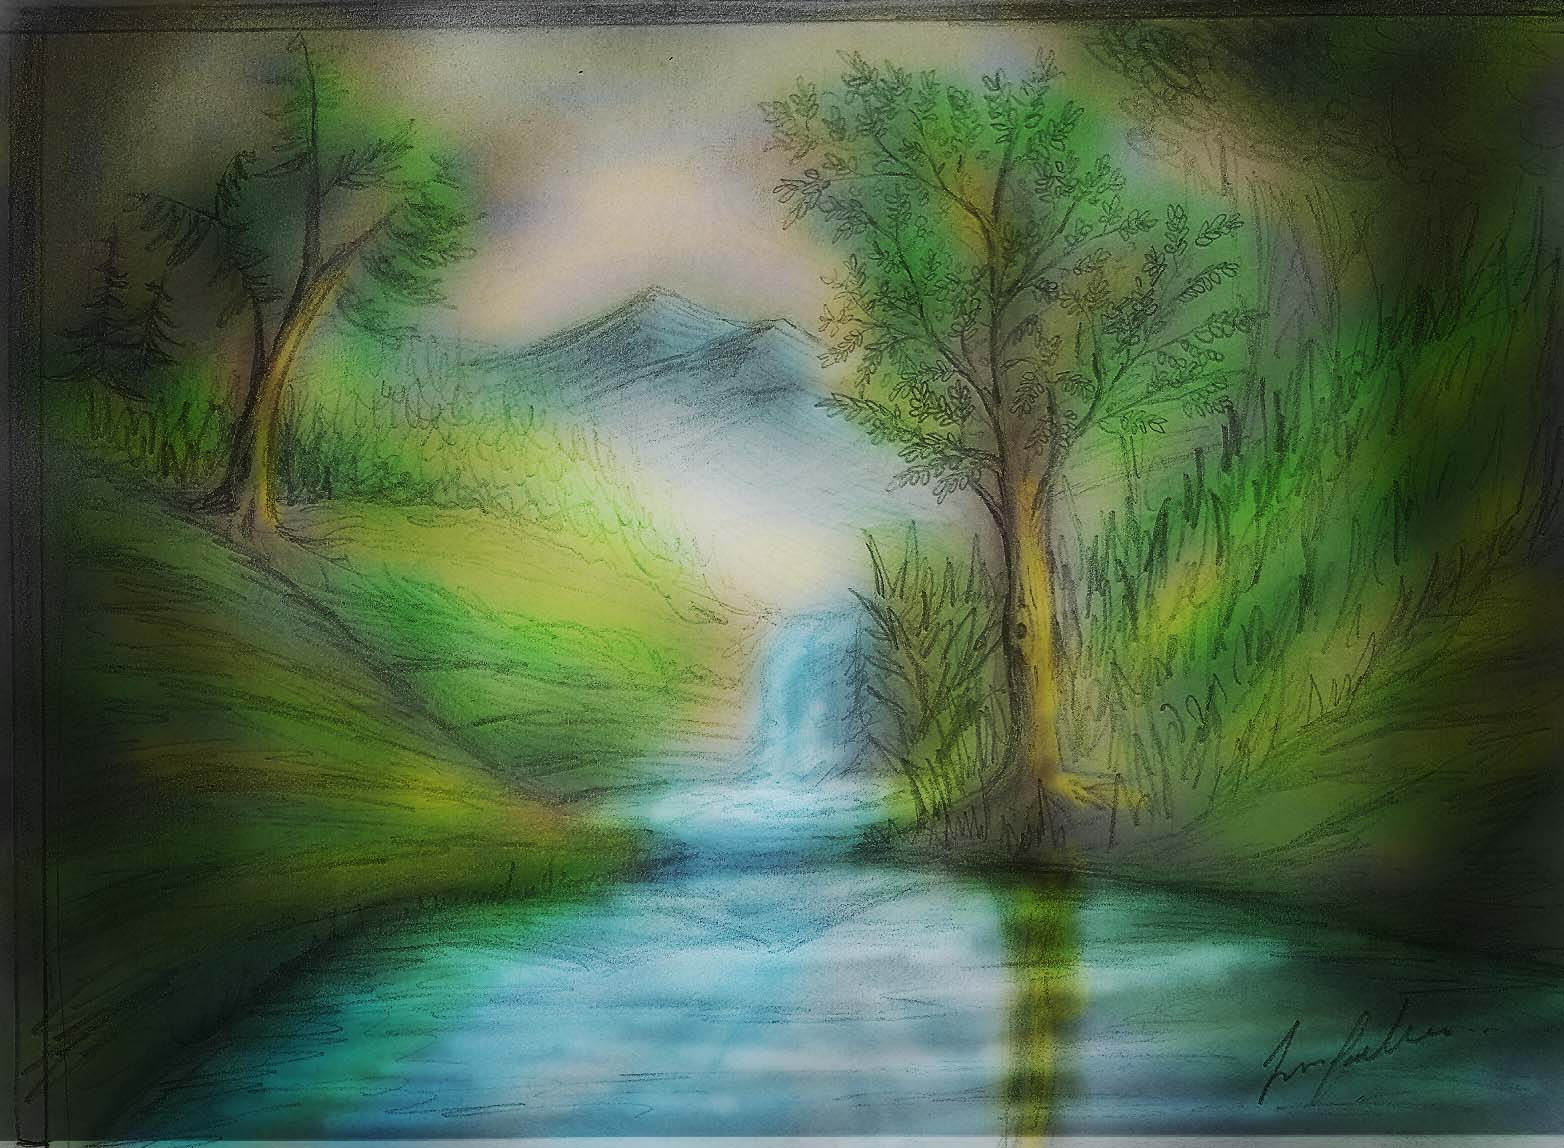 Dibujando Con Superposicion De Colores En Photoshop Paso A Paso